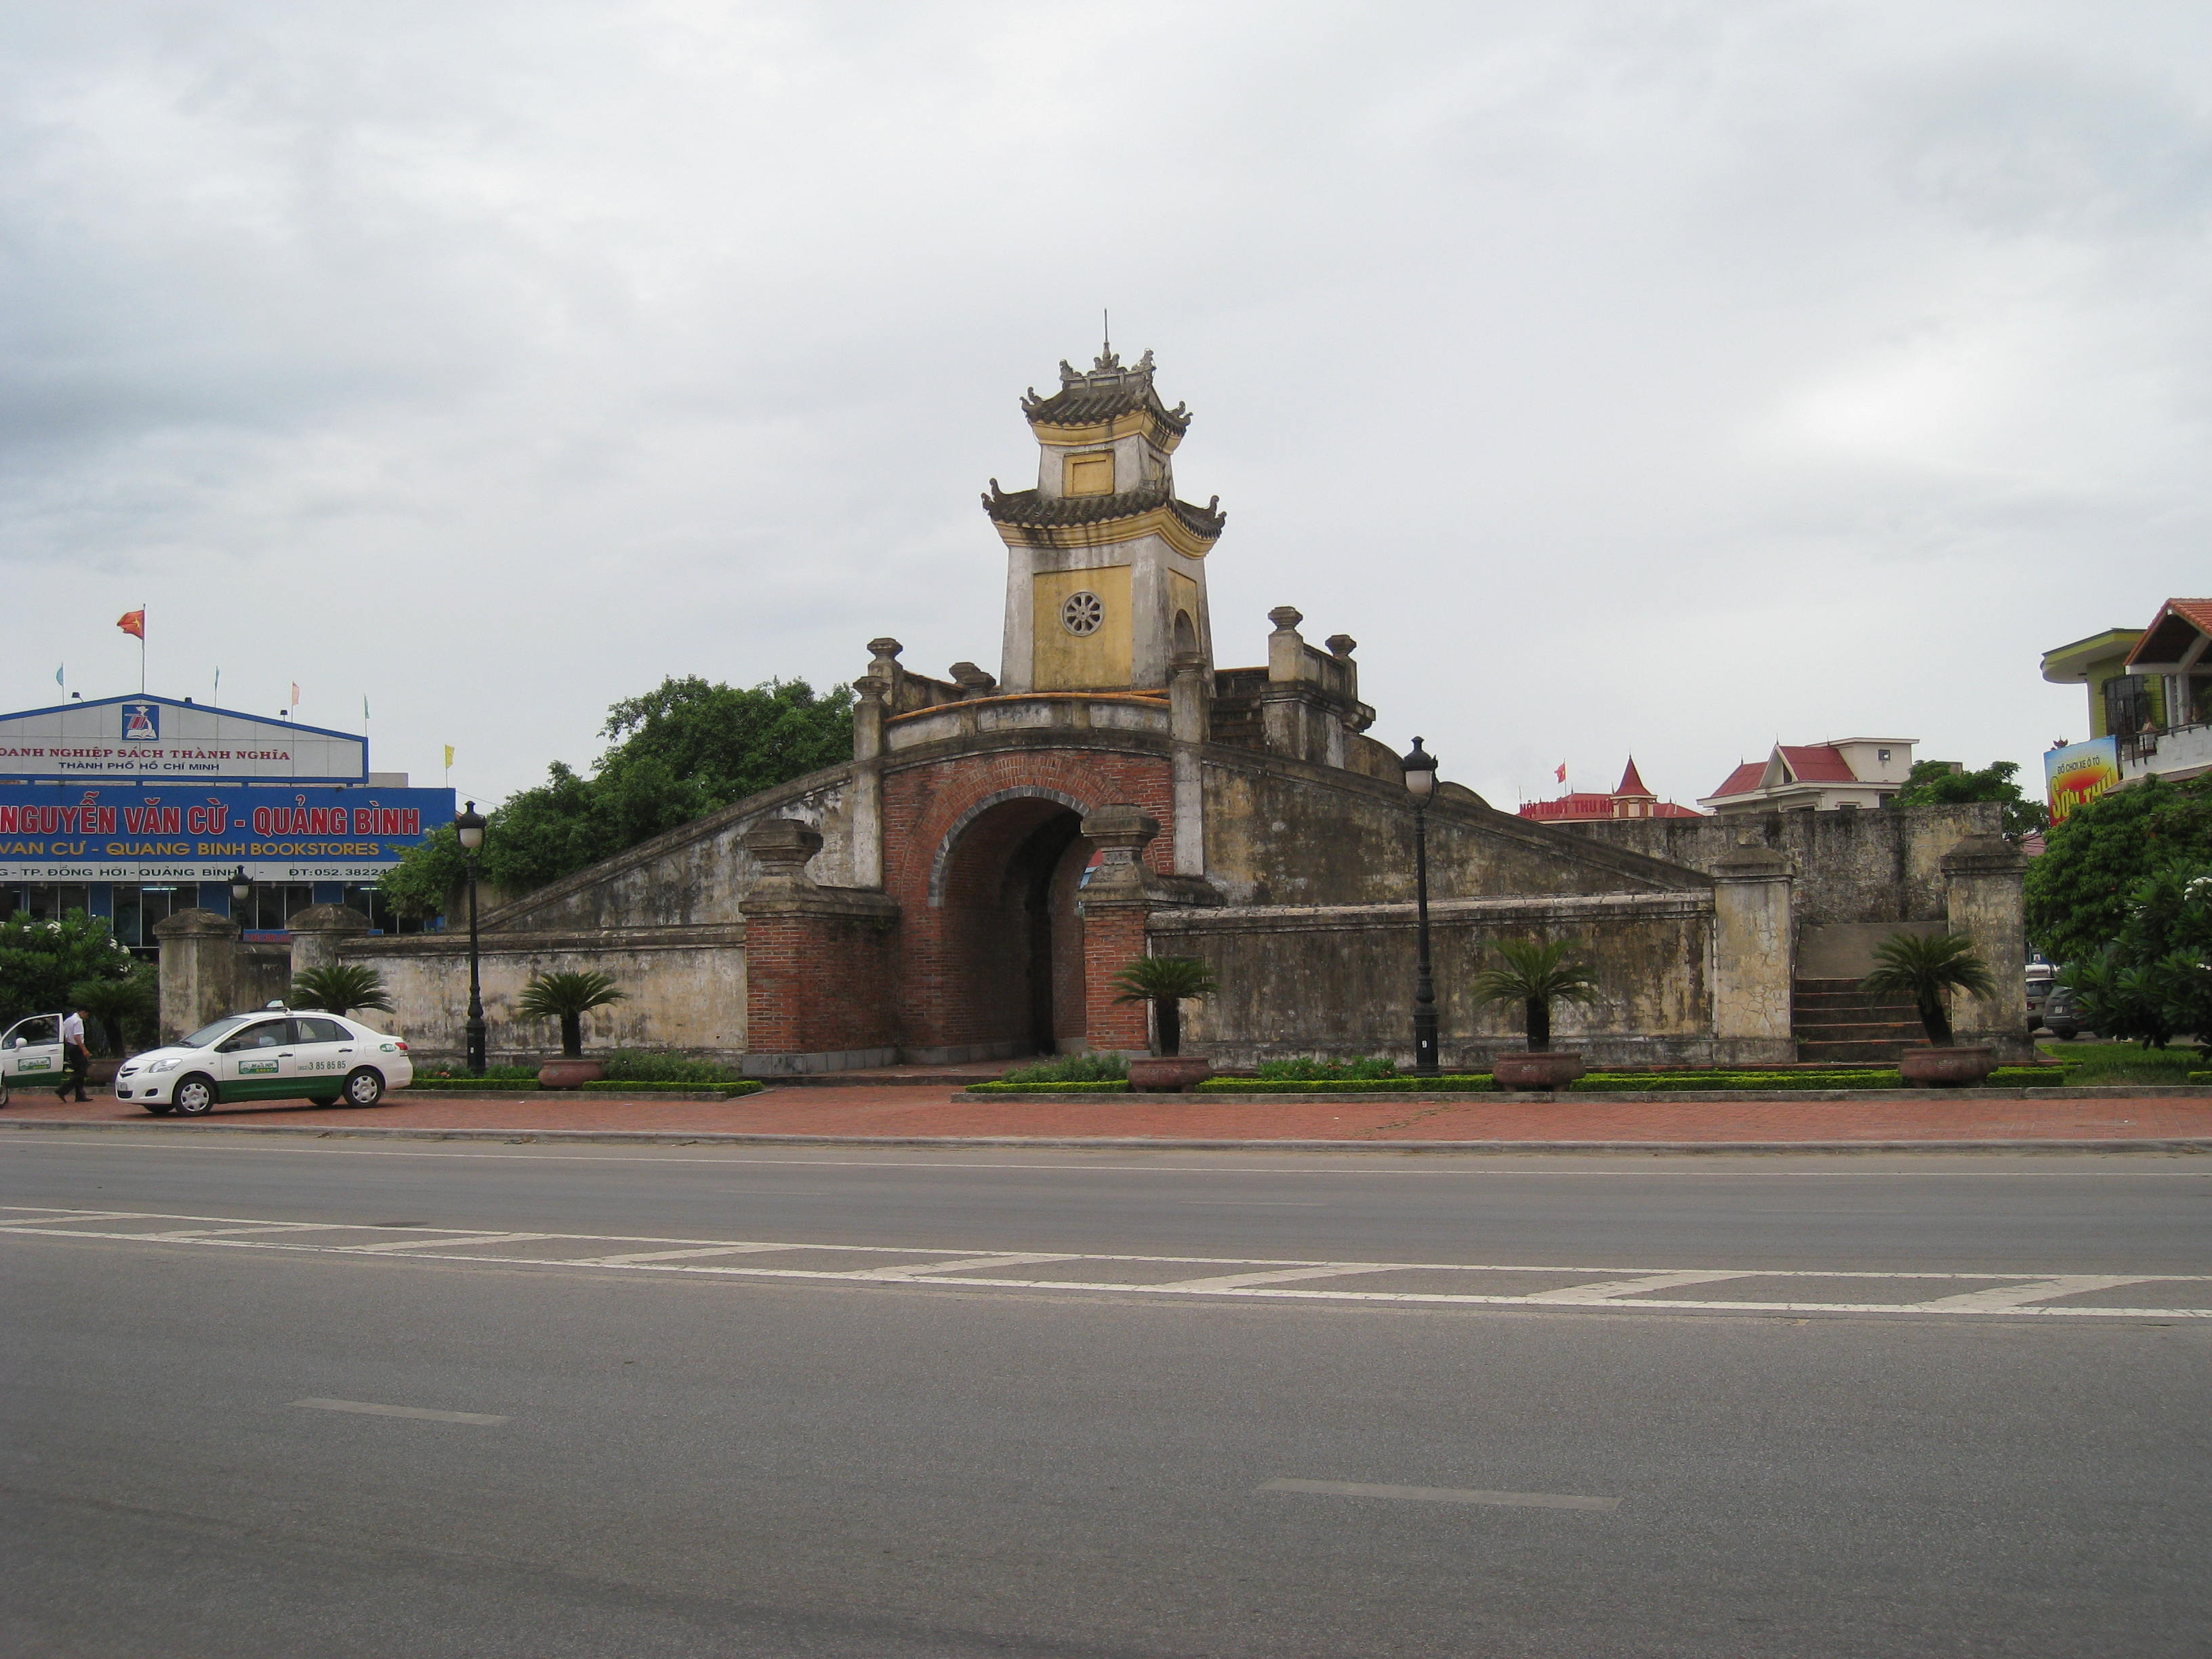 Bán nhớt BP Vistra giá rẻ tại Quảng Bình